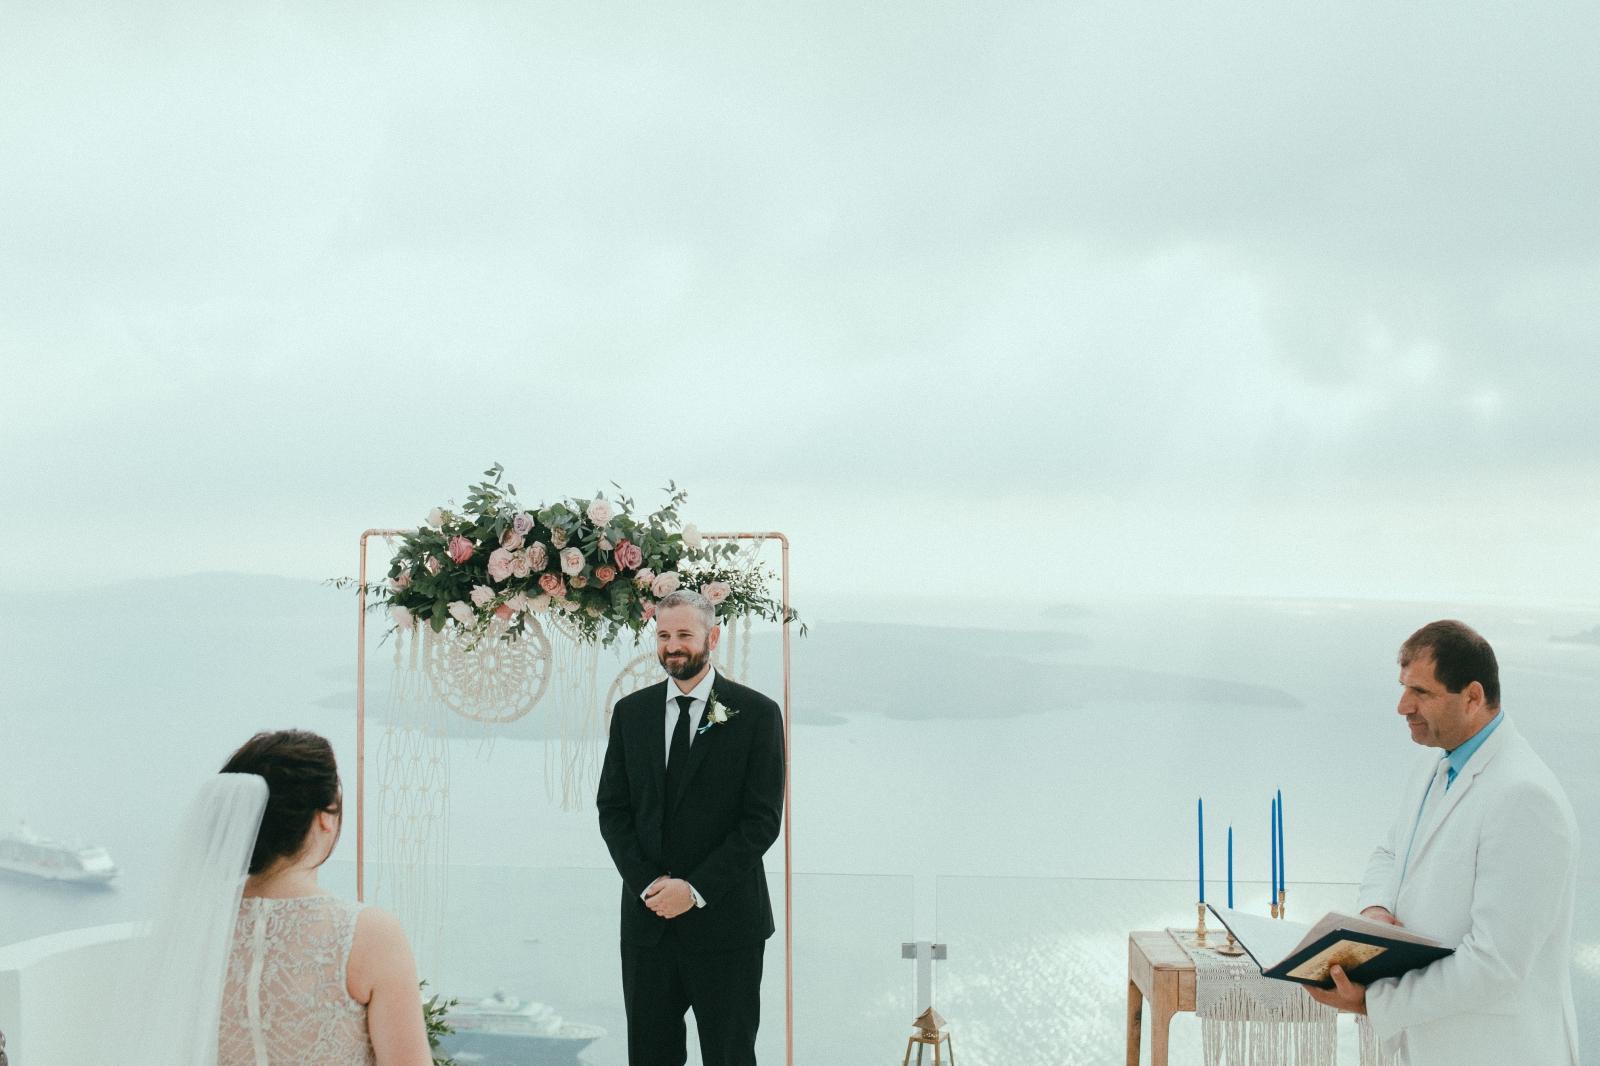 santorini-wedding-photographer49.jpg